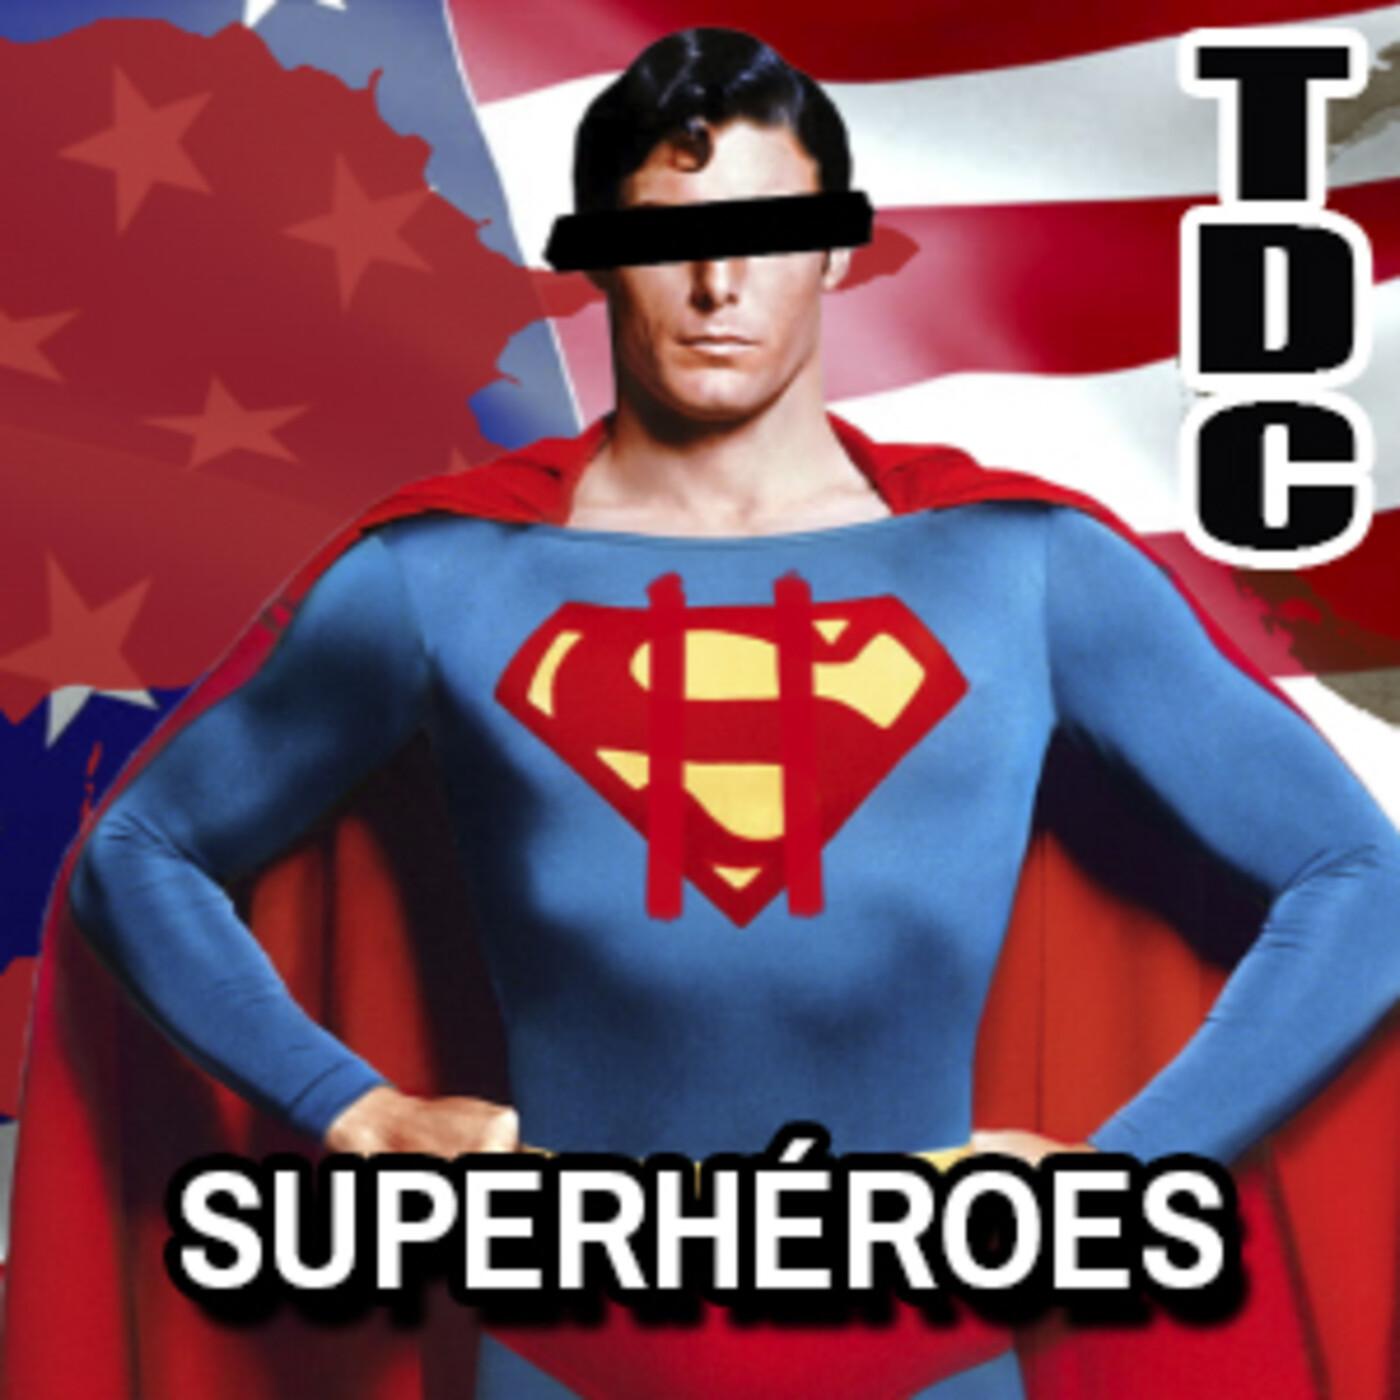 TDC Podcast - 110 - Superhéroes, con David Galán Galindo y Álvaro Velasco